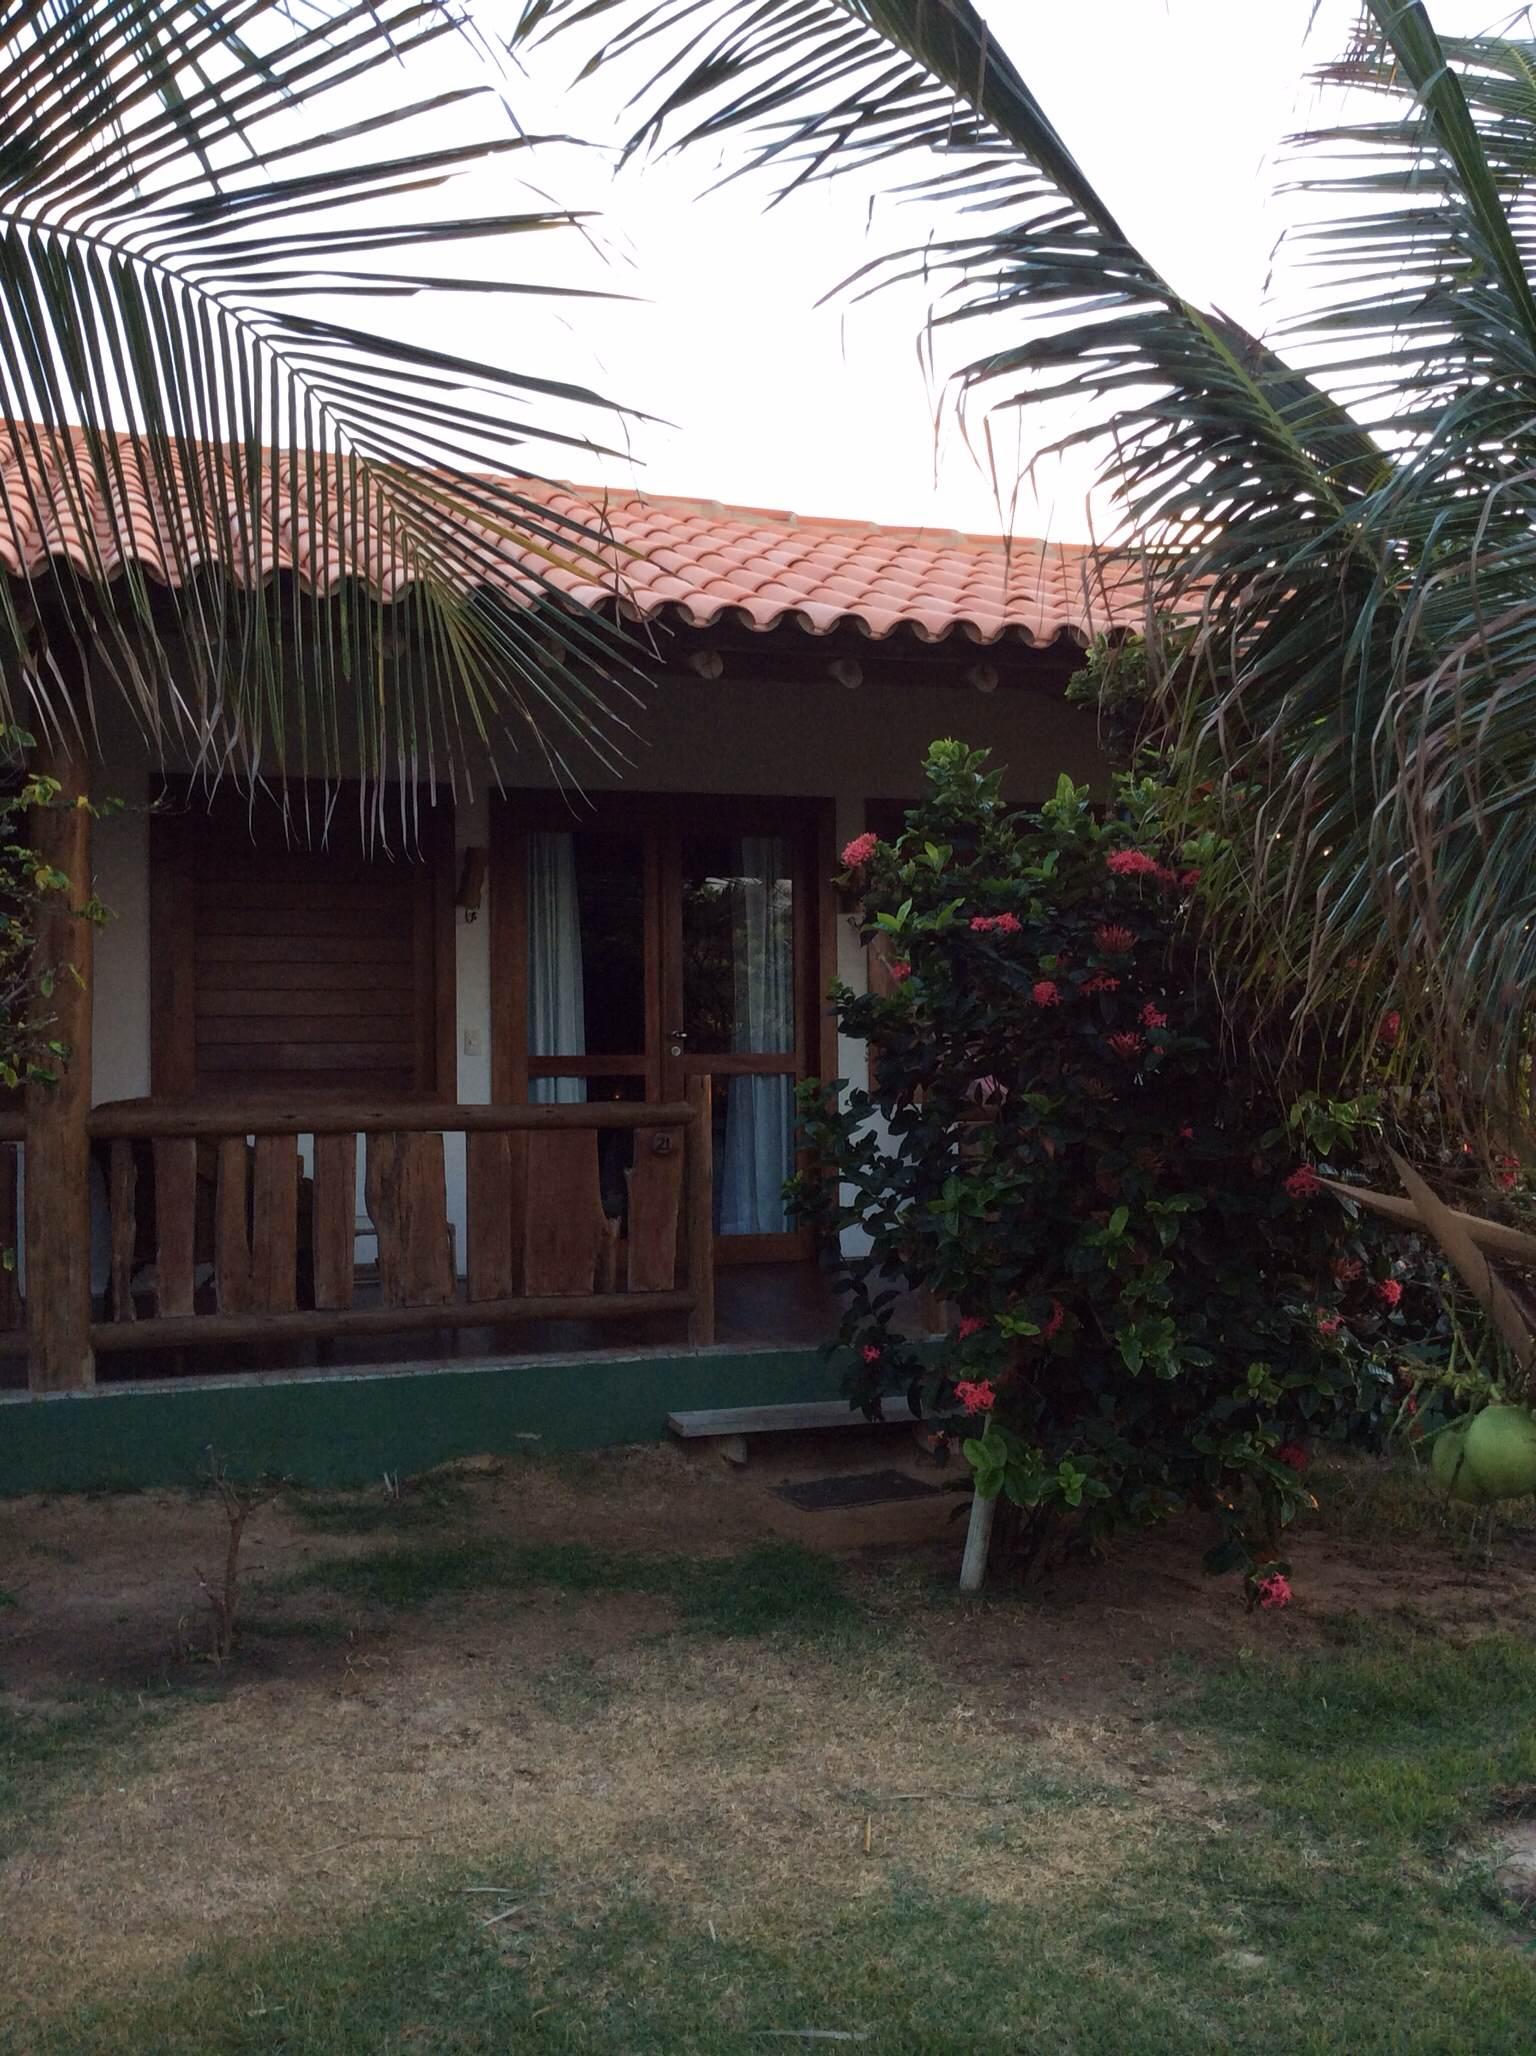 Bangalô escolhido por nós, de frente para o jardim e piscina.